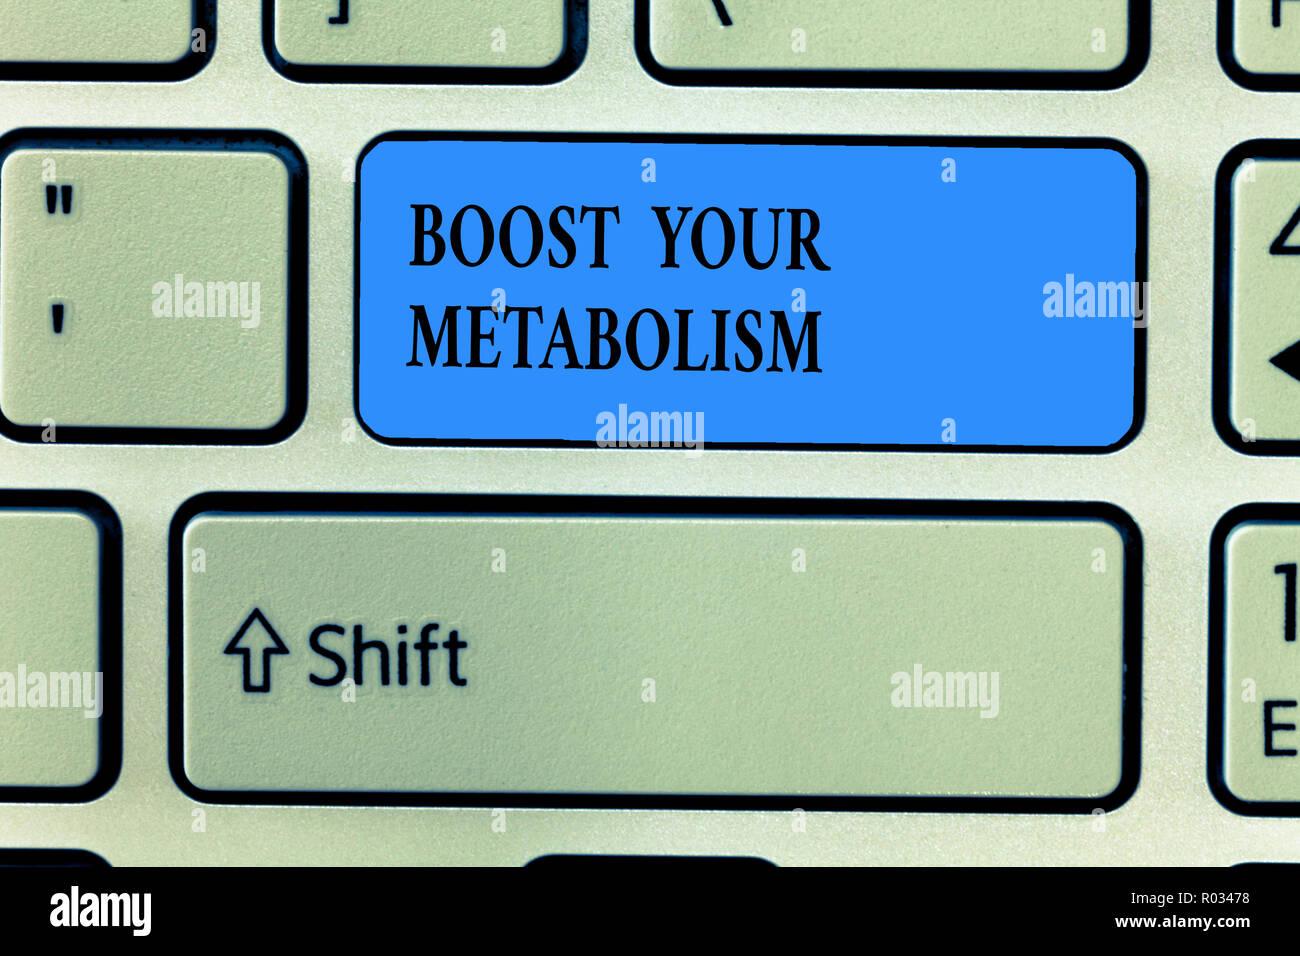 Handschrift Text schreiben Steigern Sie Ihren Stoffwechsel. Konzept Bedeutung der Effizienz in der brennenden Körper Fette erhöhen. Stockbild